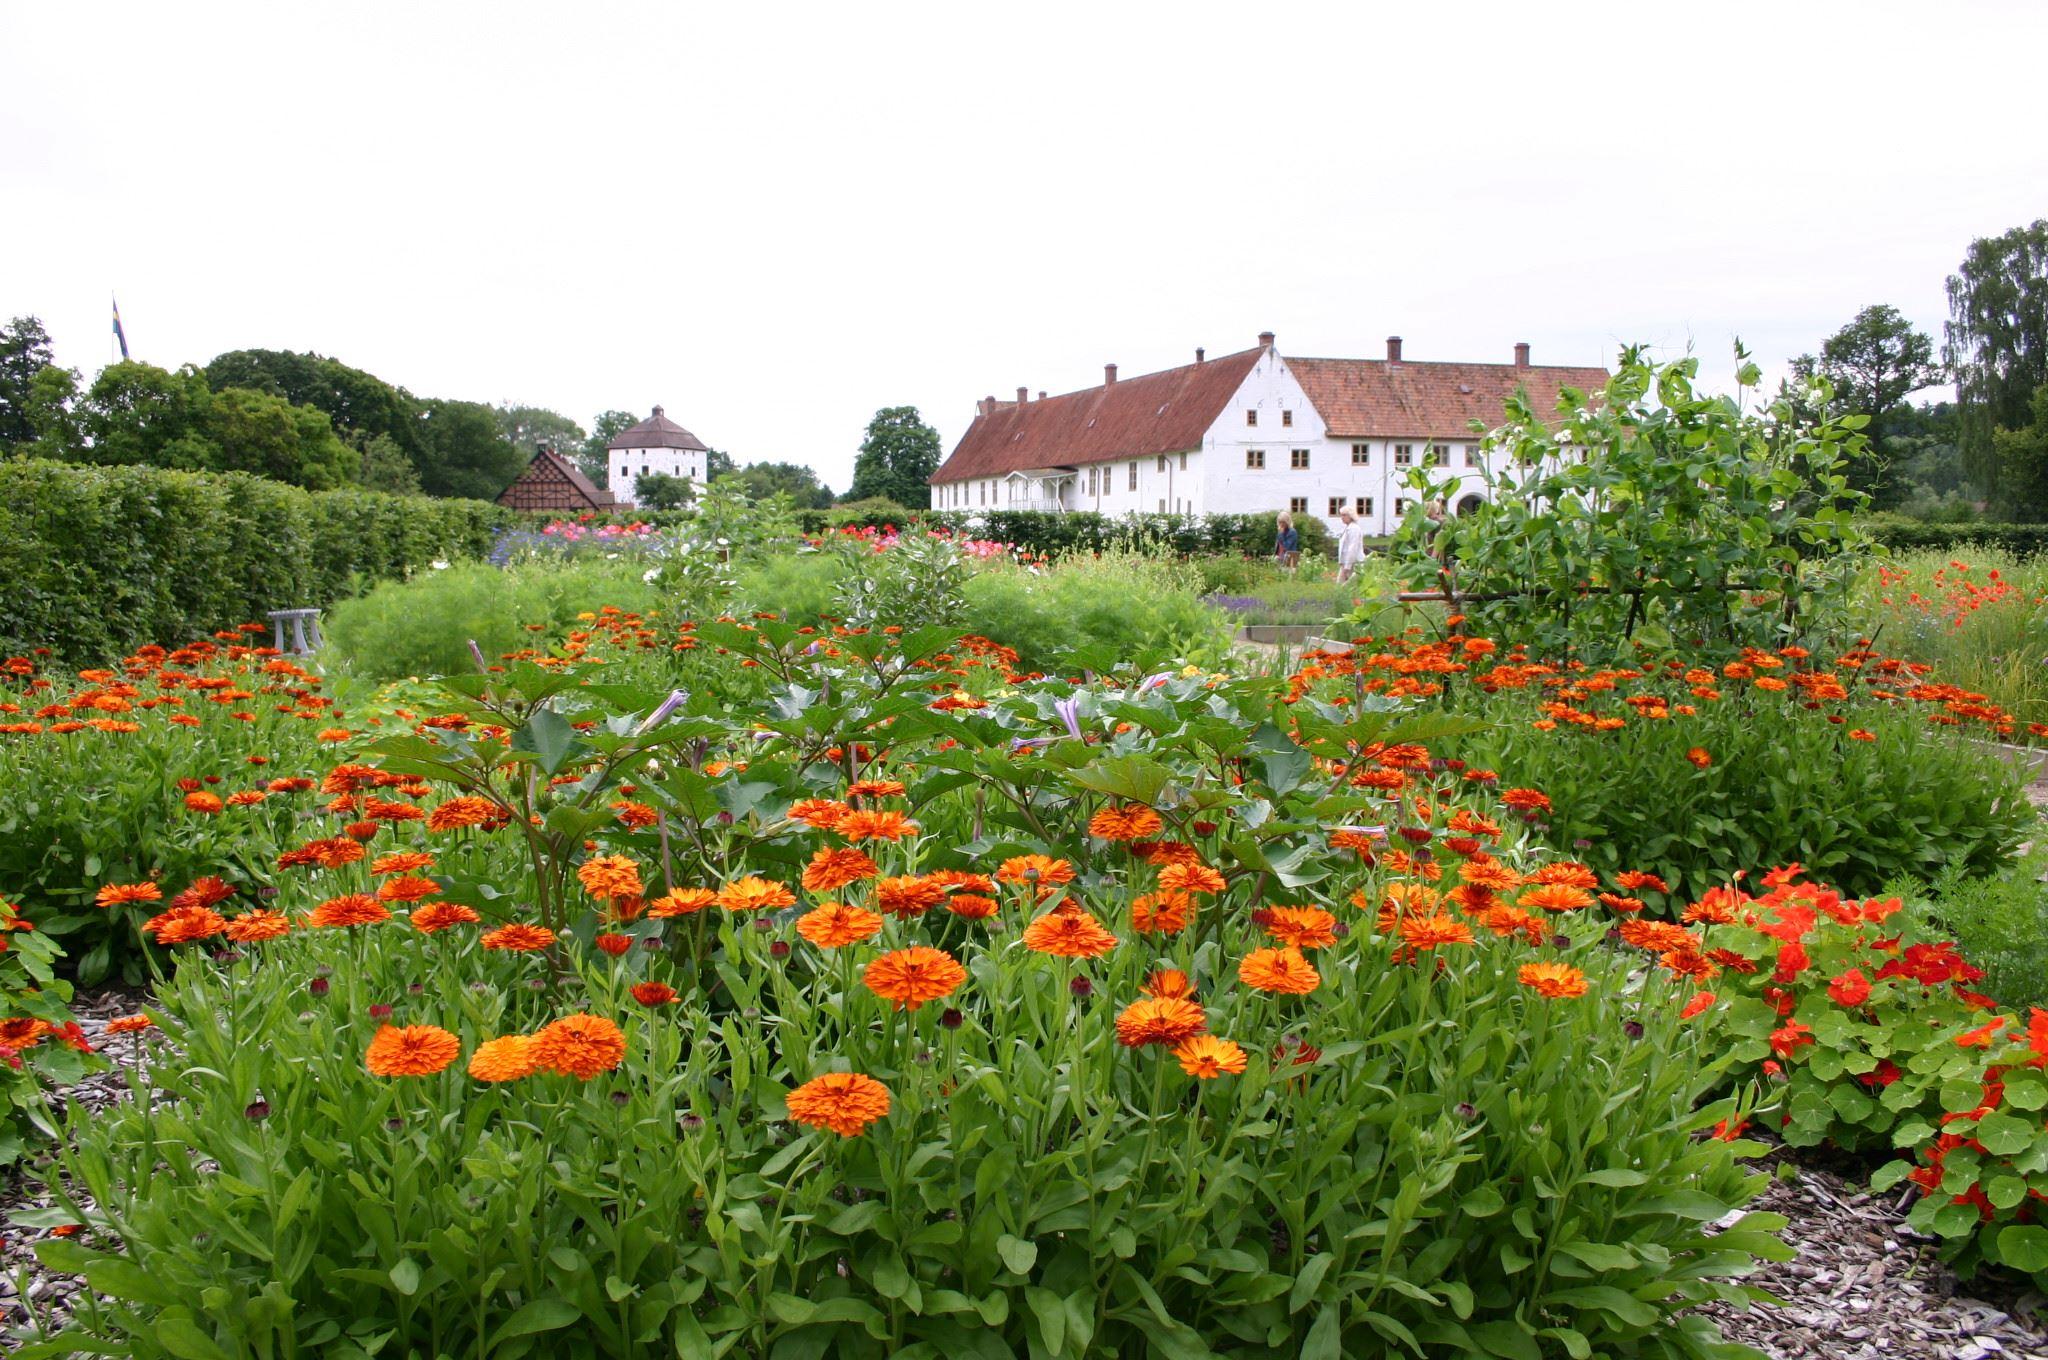 Hovdala slott